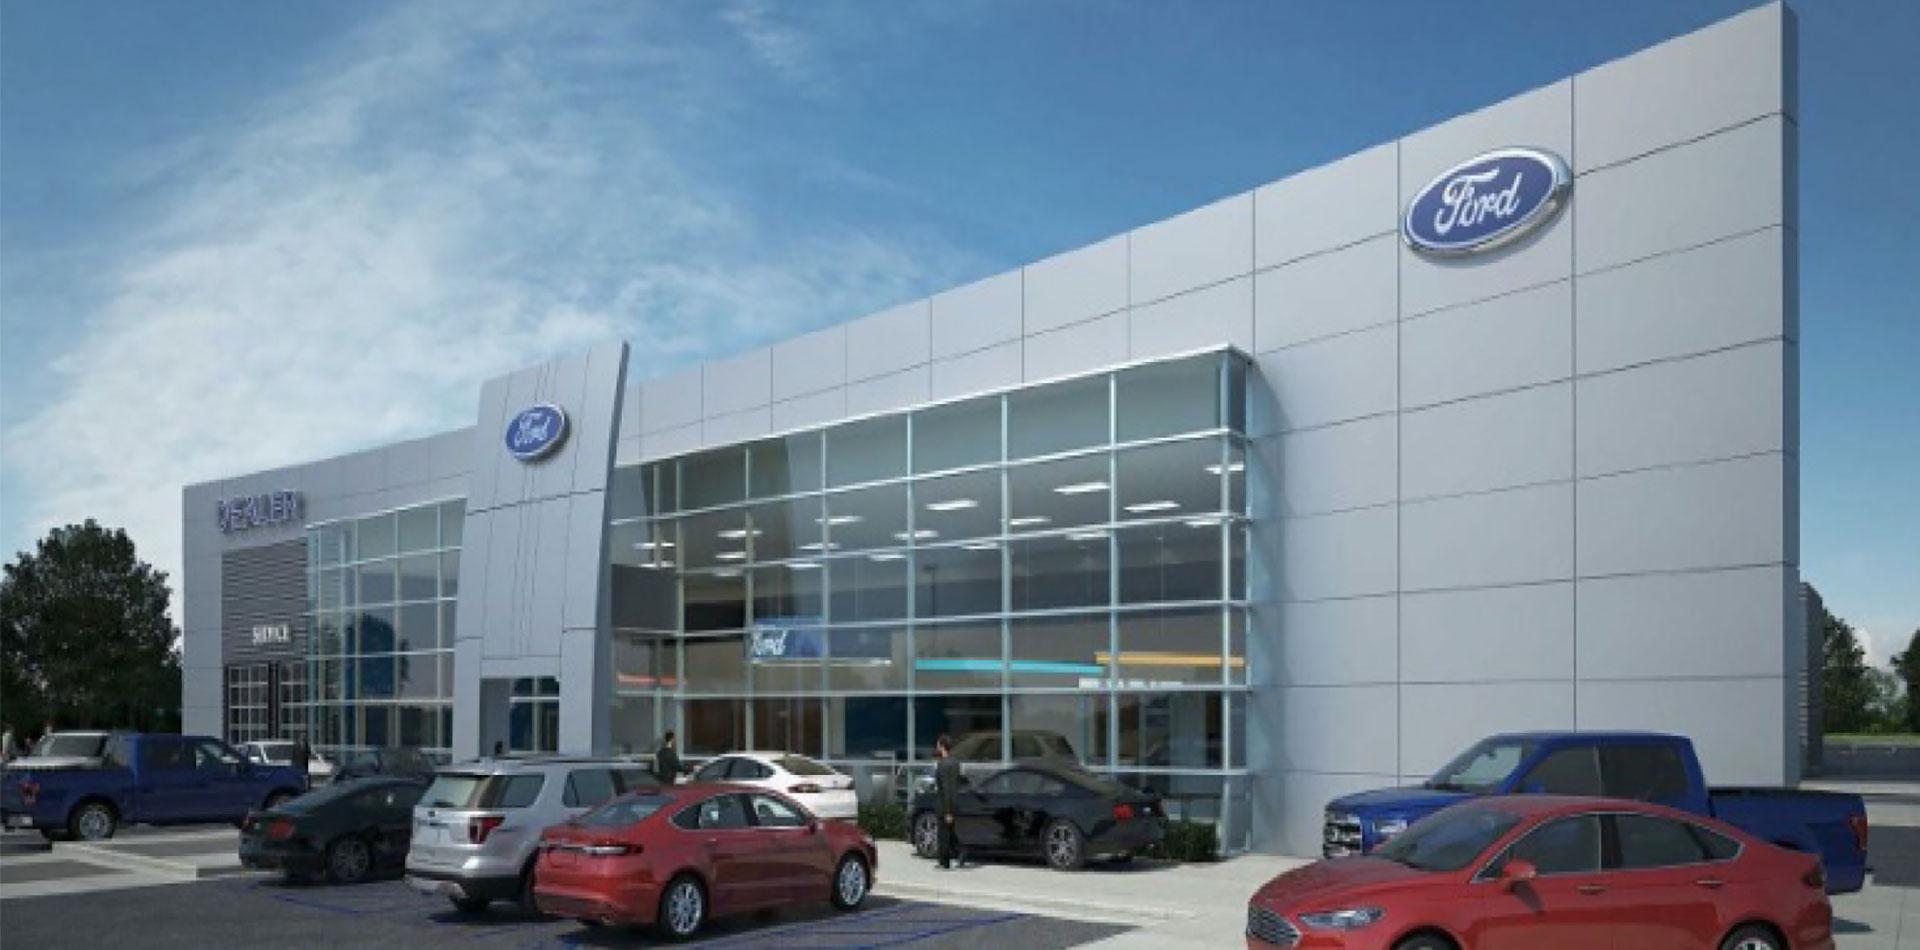 Ford Dealer